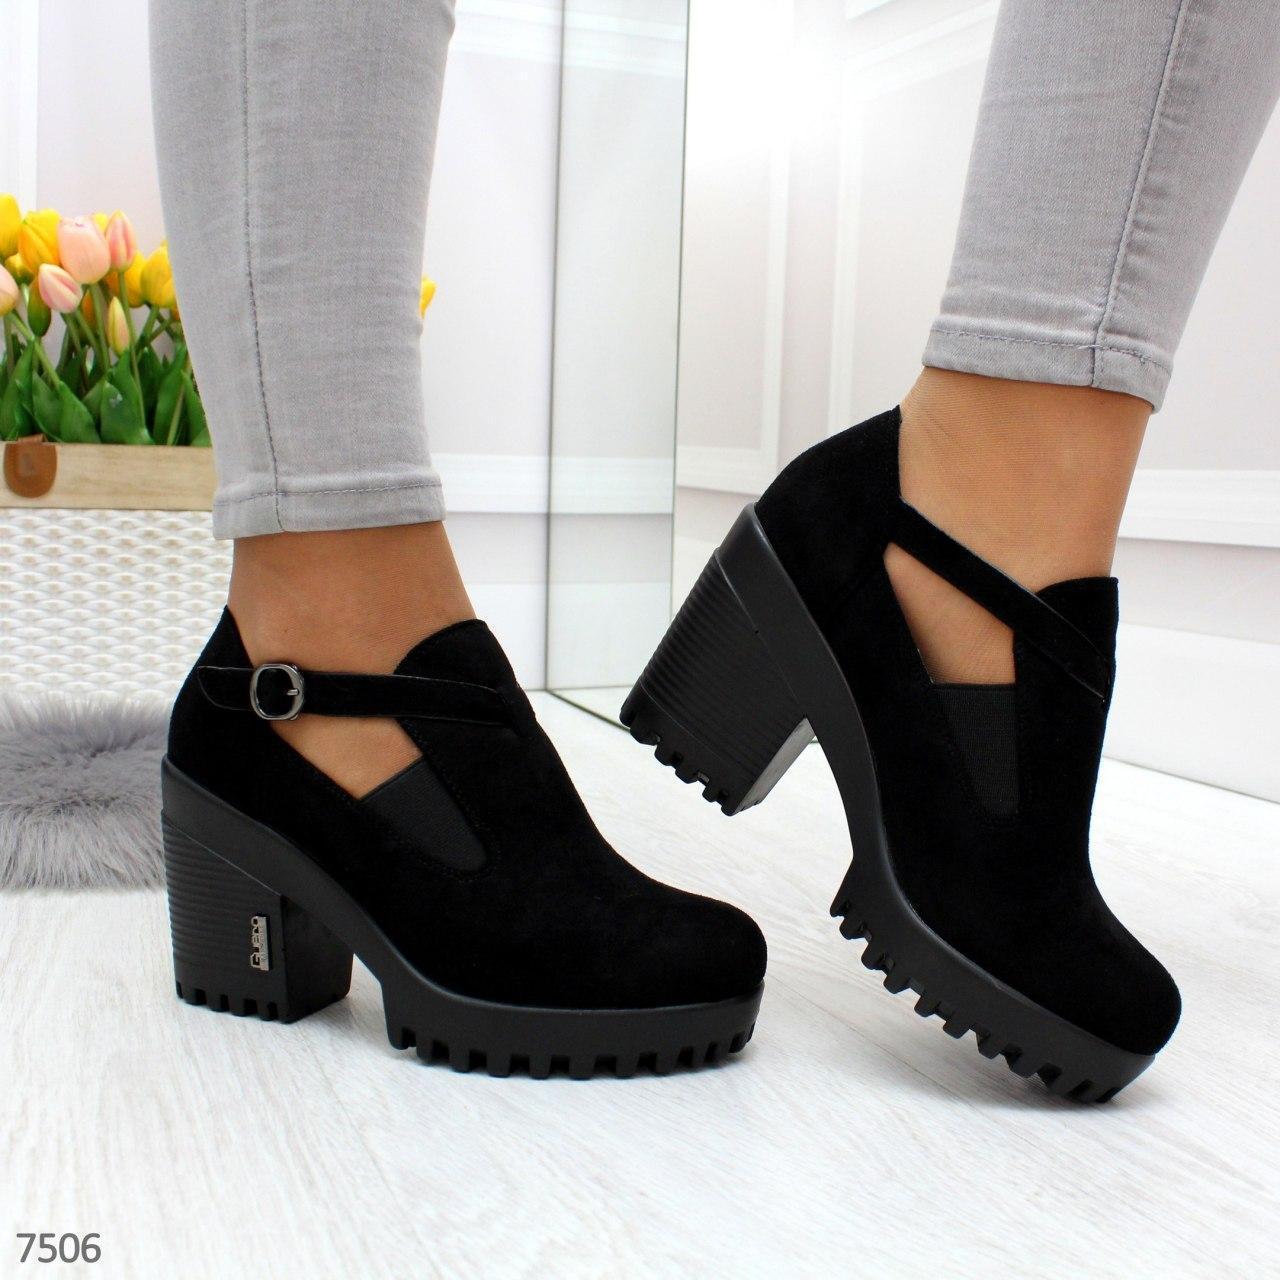 Женские демисезонные туфли из черной экозамши OB7506